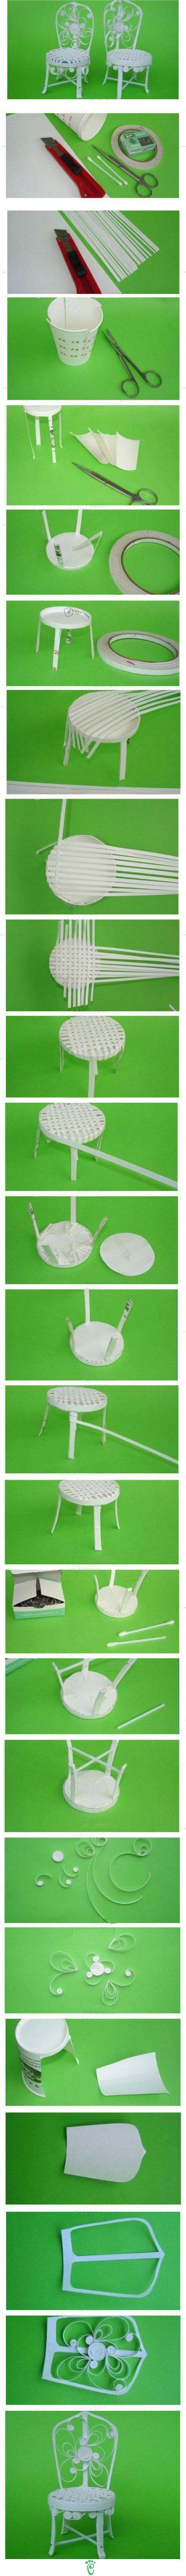 OMG!! Increible... para hacer de un par de vasos de carton, un poco de papel blanco e hisopos! genial...